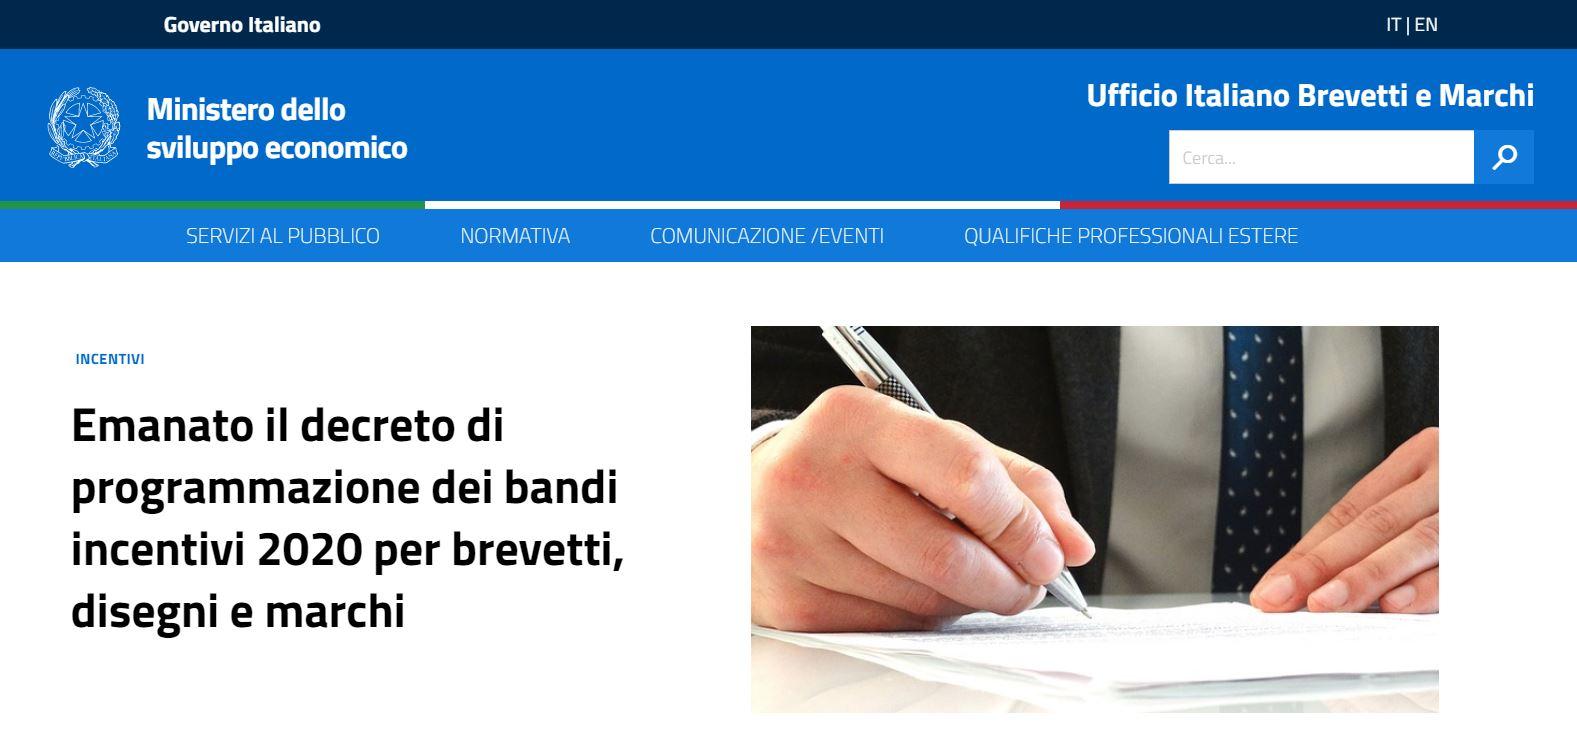 ufficio italiano brevetti e marchi